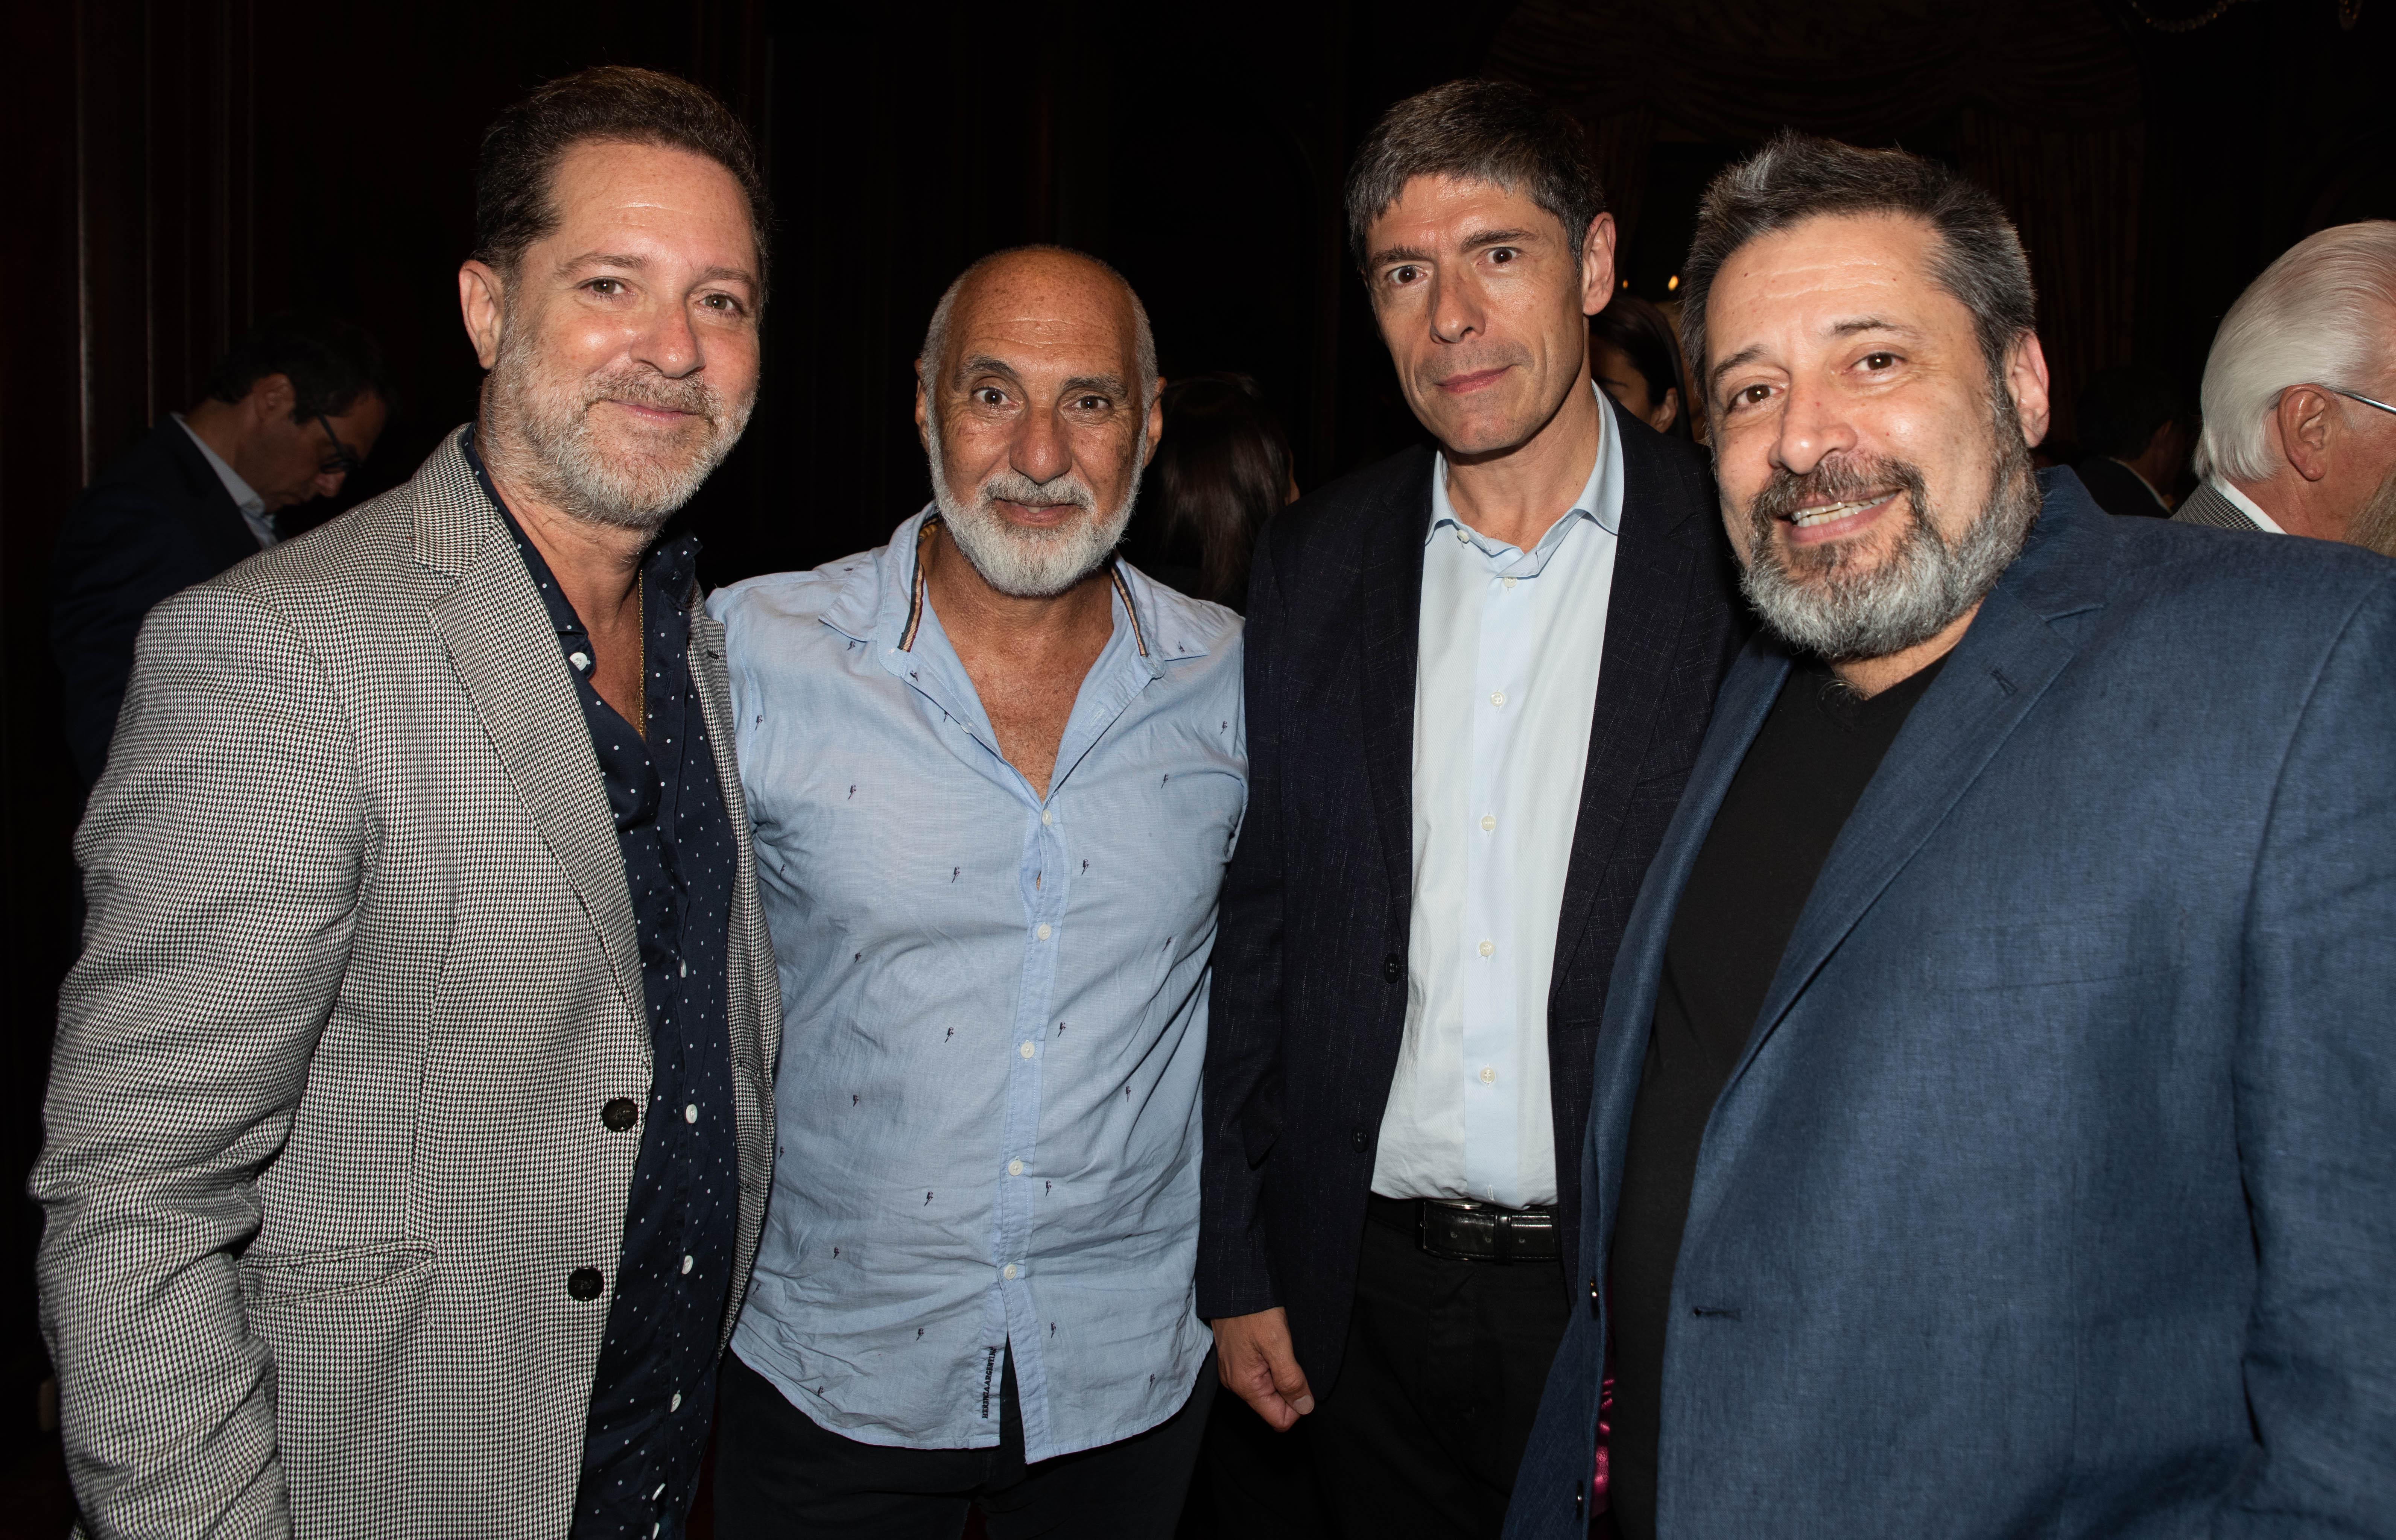 Paul Kirzner junto a Juan Manuel Abal Medina y Víctor Santa María